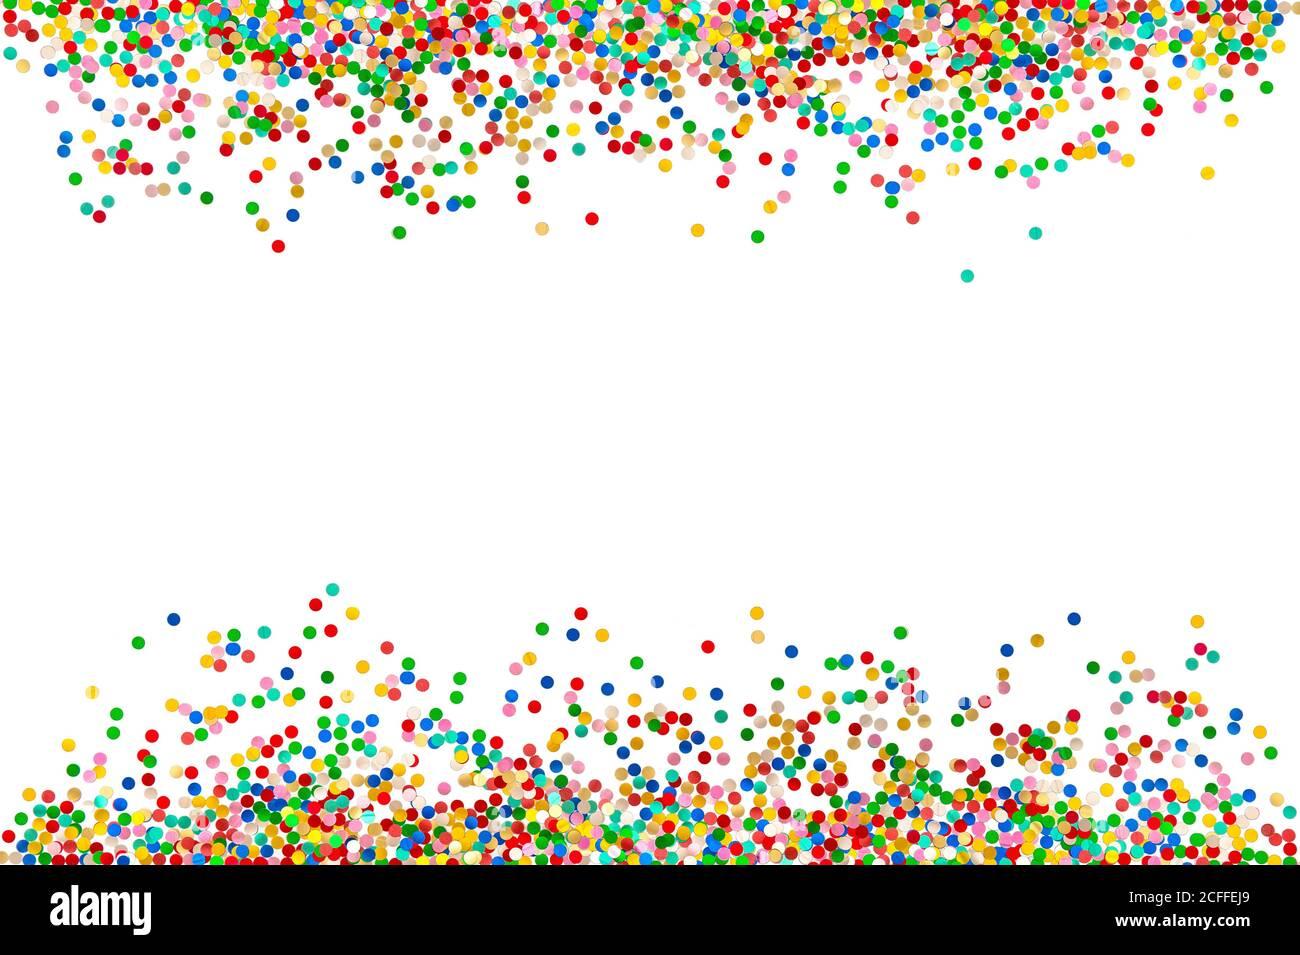 Fond confetti. Fête des fêtes décoration colorée bannière Banque D'Images